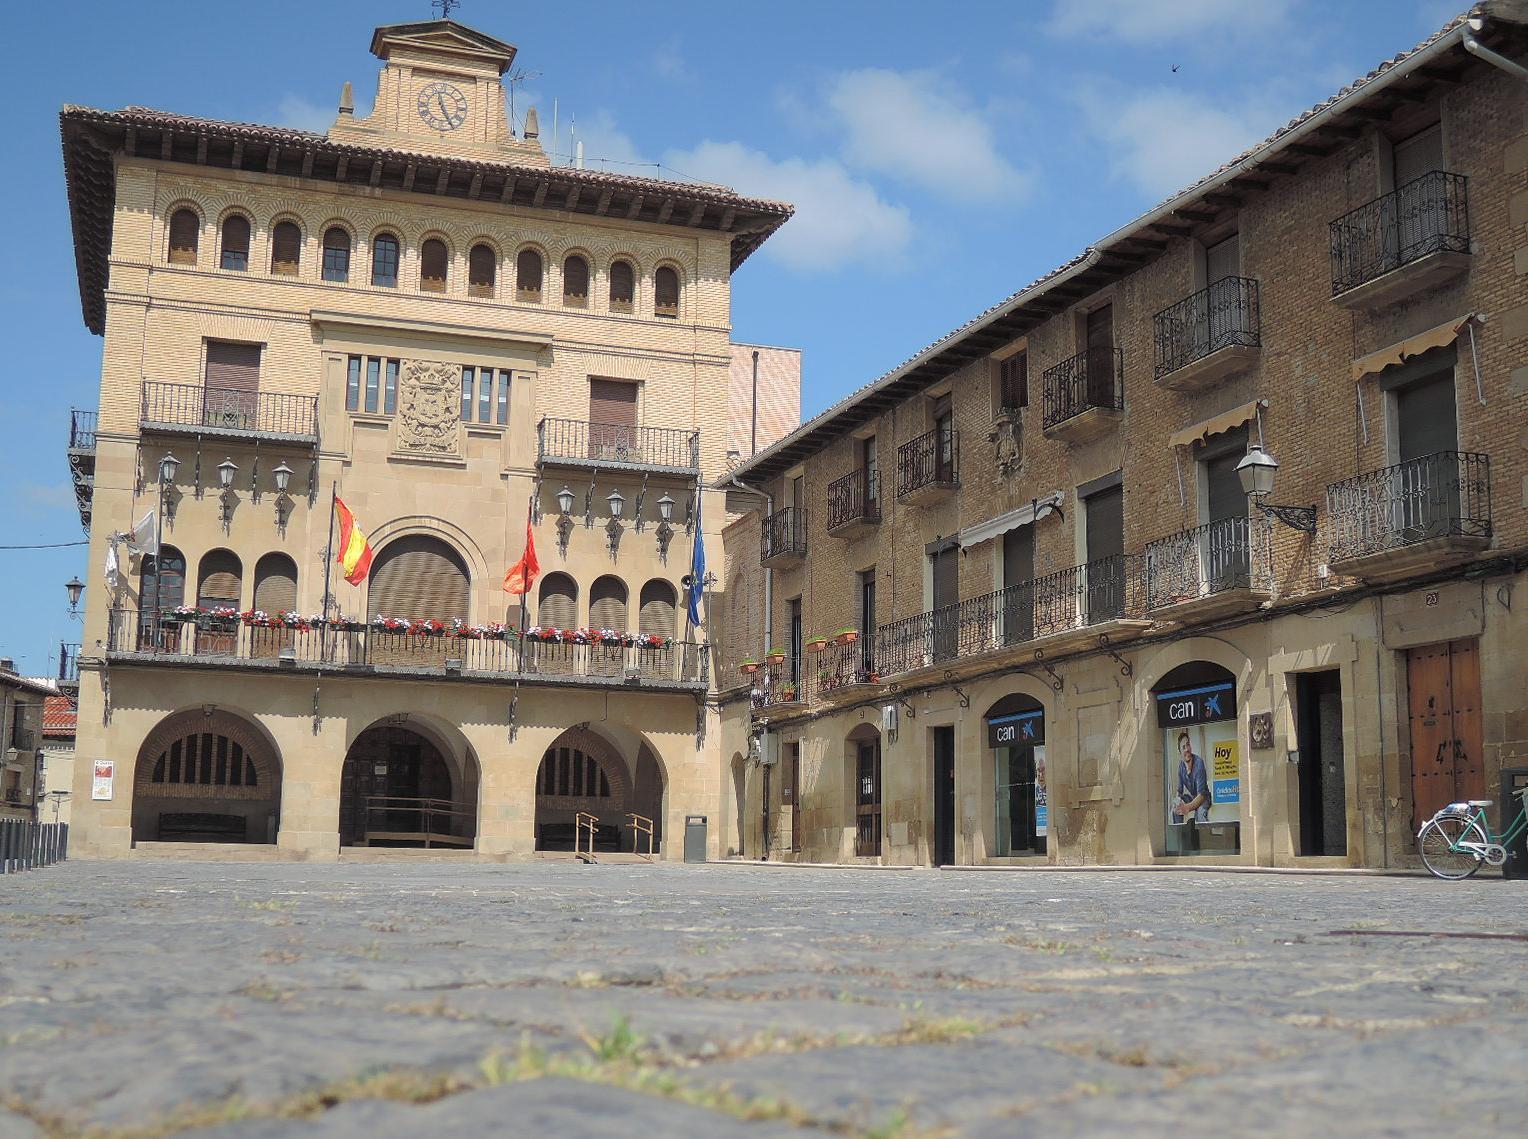 La muy castellana plaza del ayuntamiento.